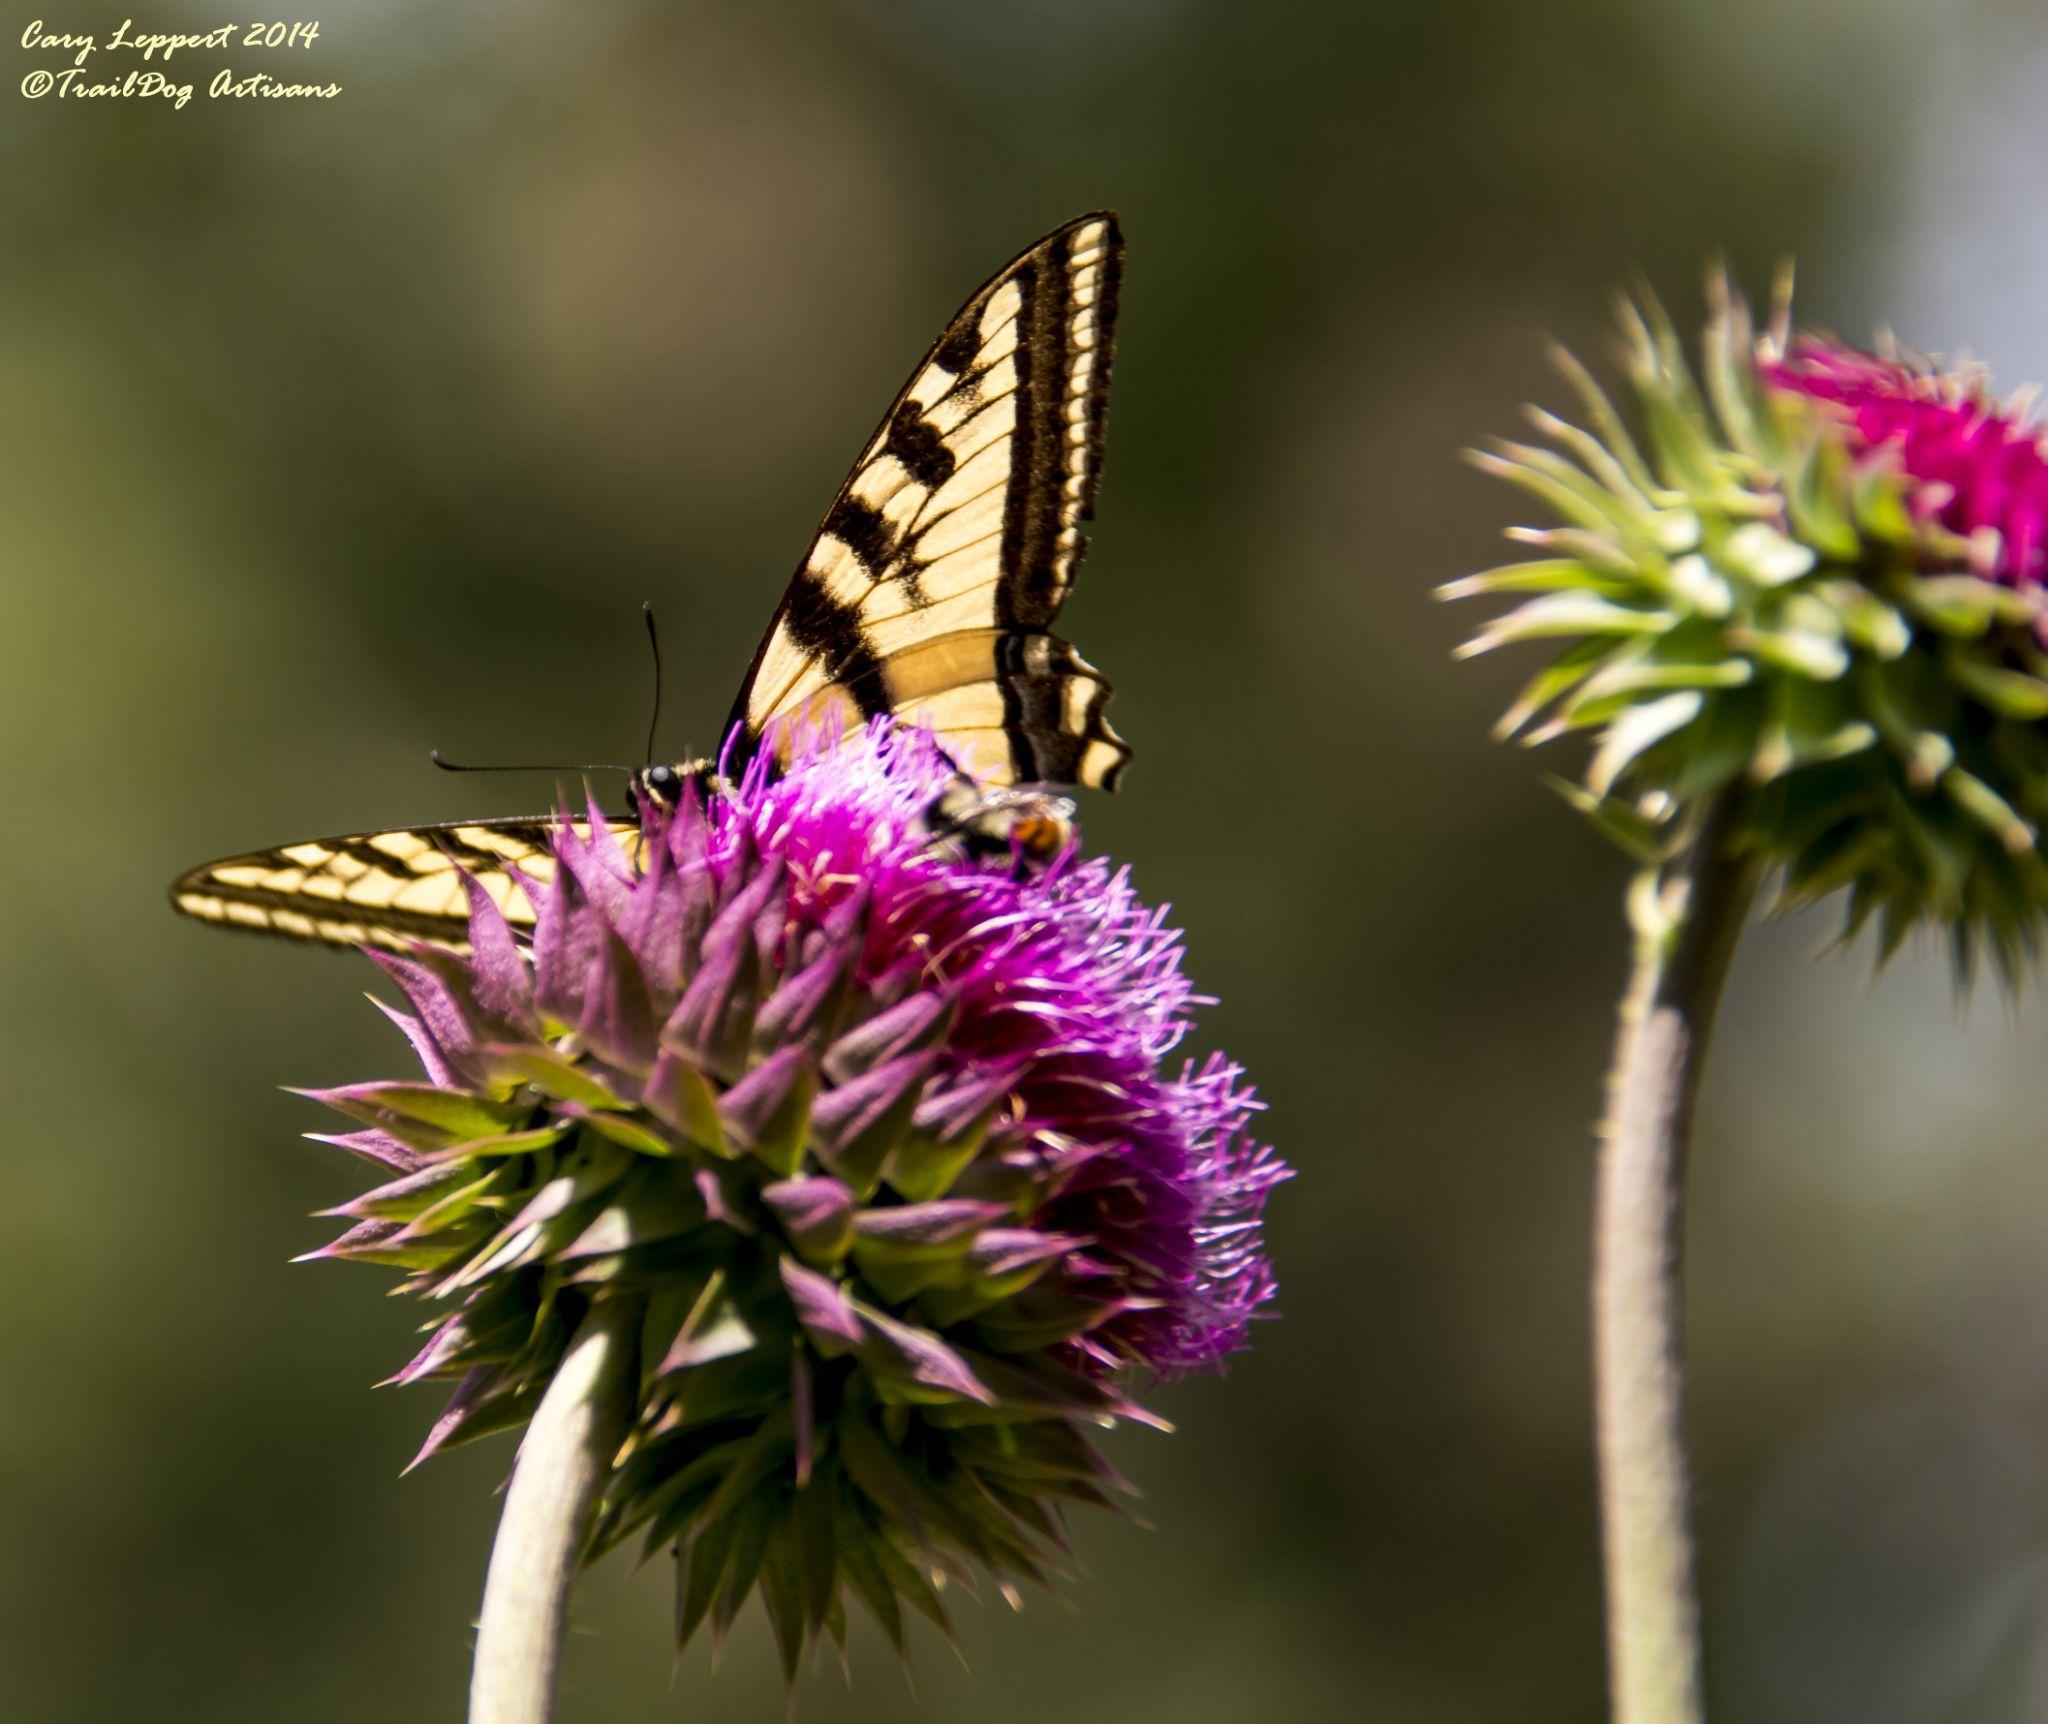 Peeking Monarch by Cary Leppert